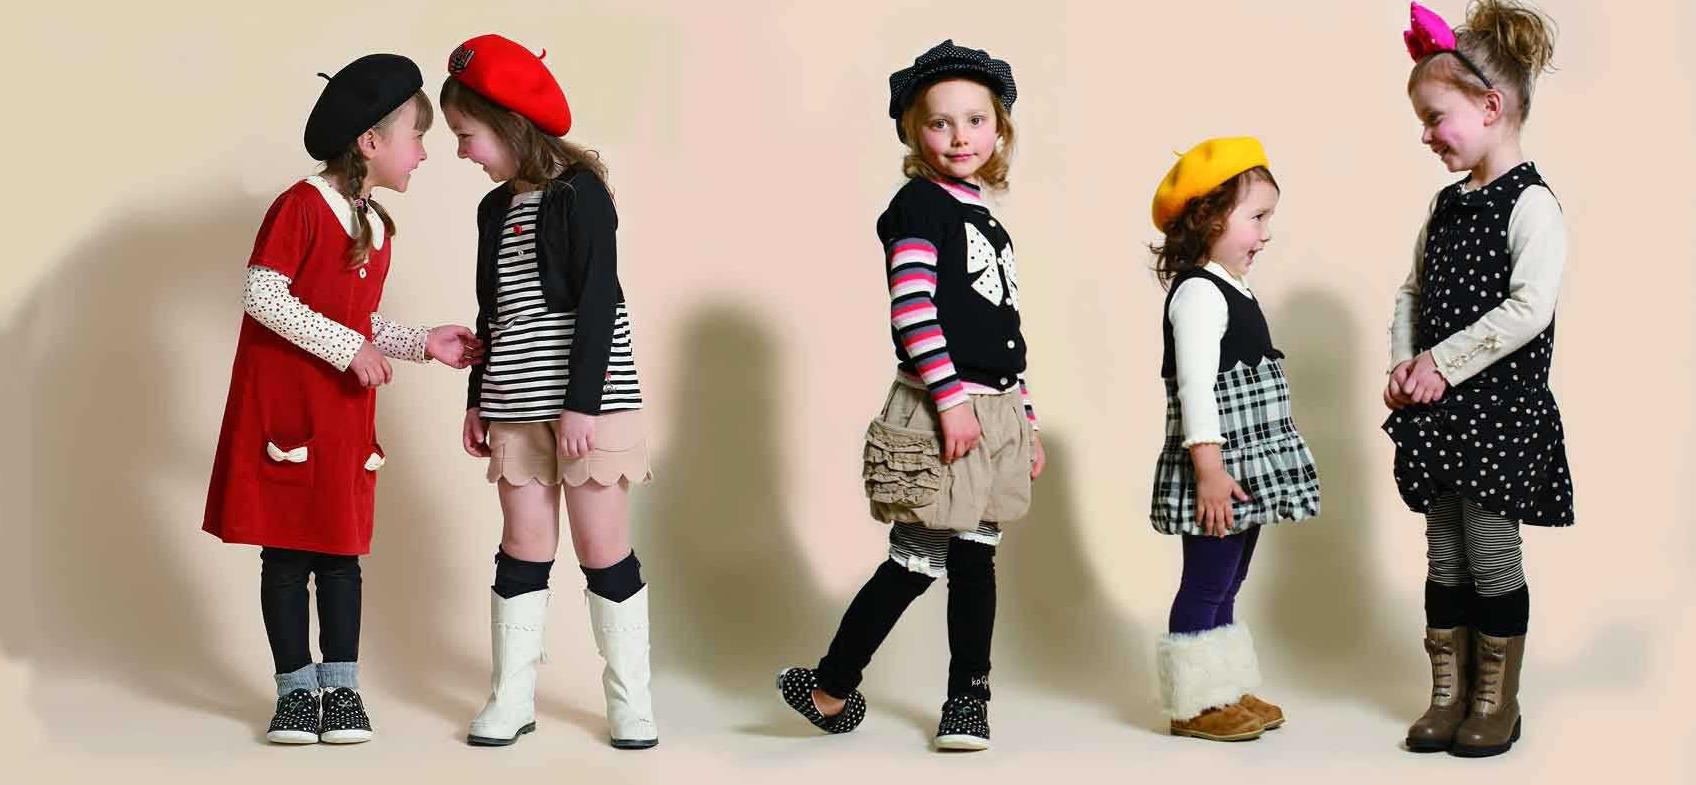 子供の服装は誰が決めますか?